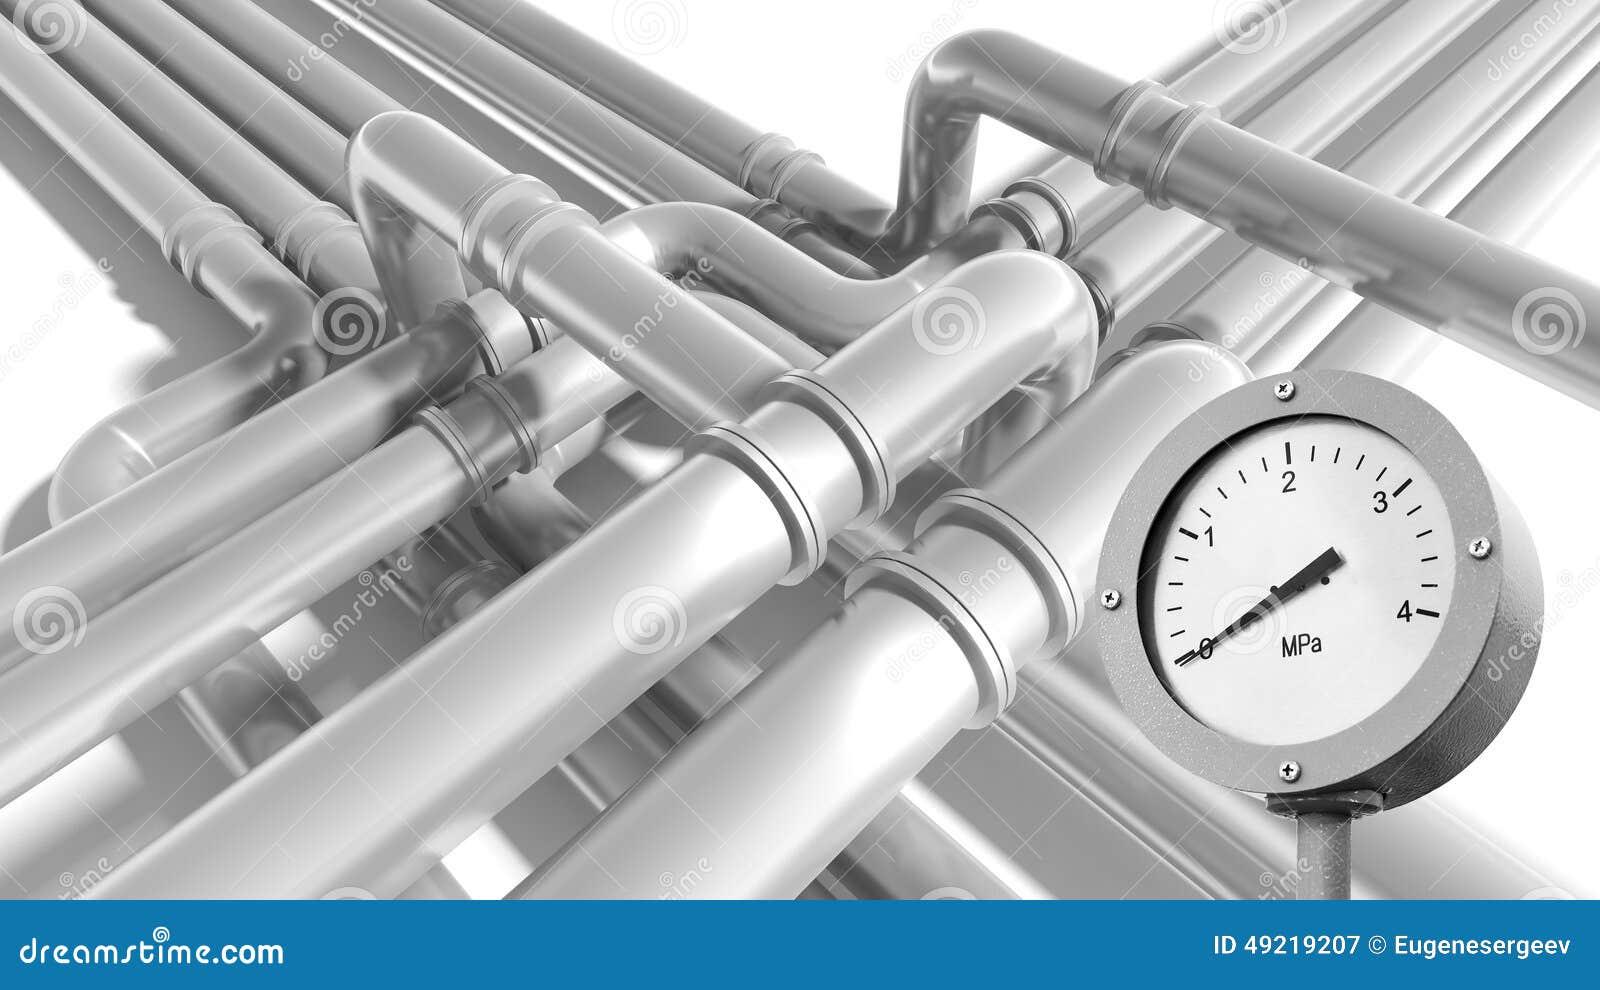 Τεμάχιο σωληνώσεων με μηά ένδειξη μανόμετρων πίεσης